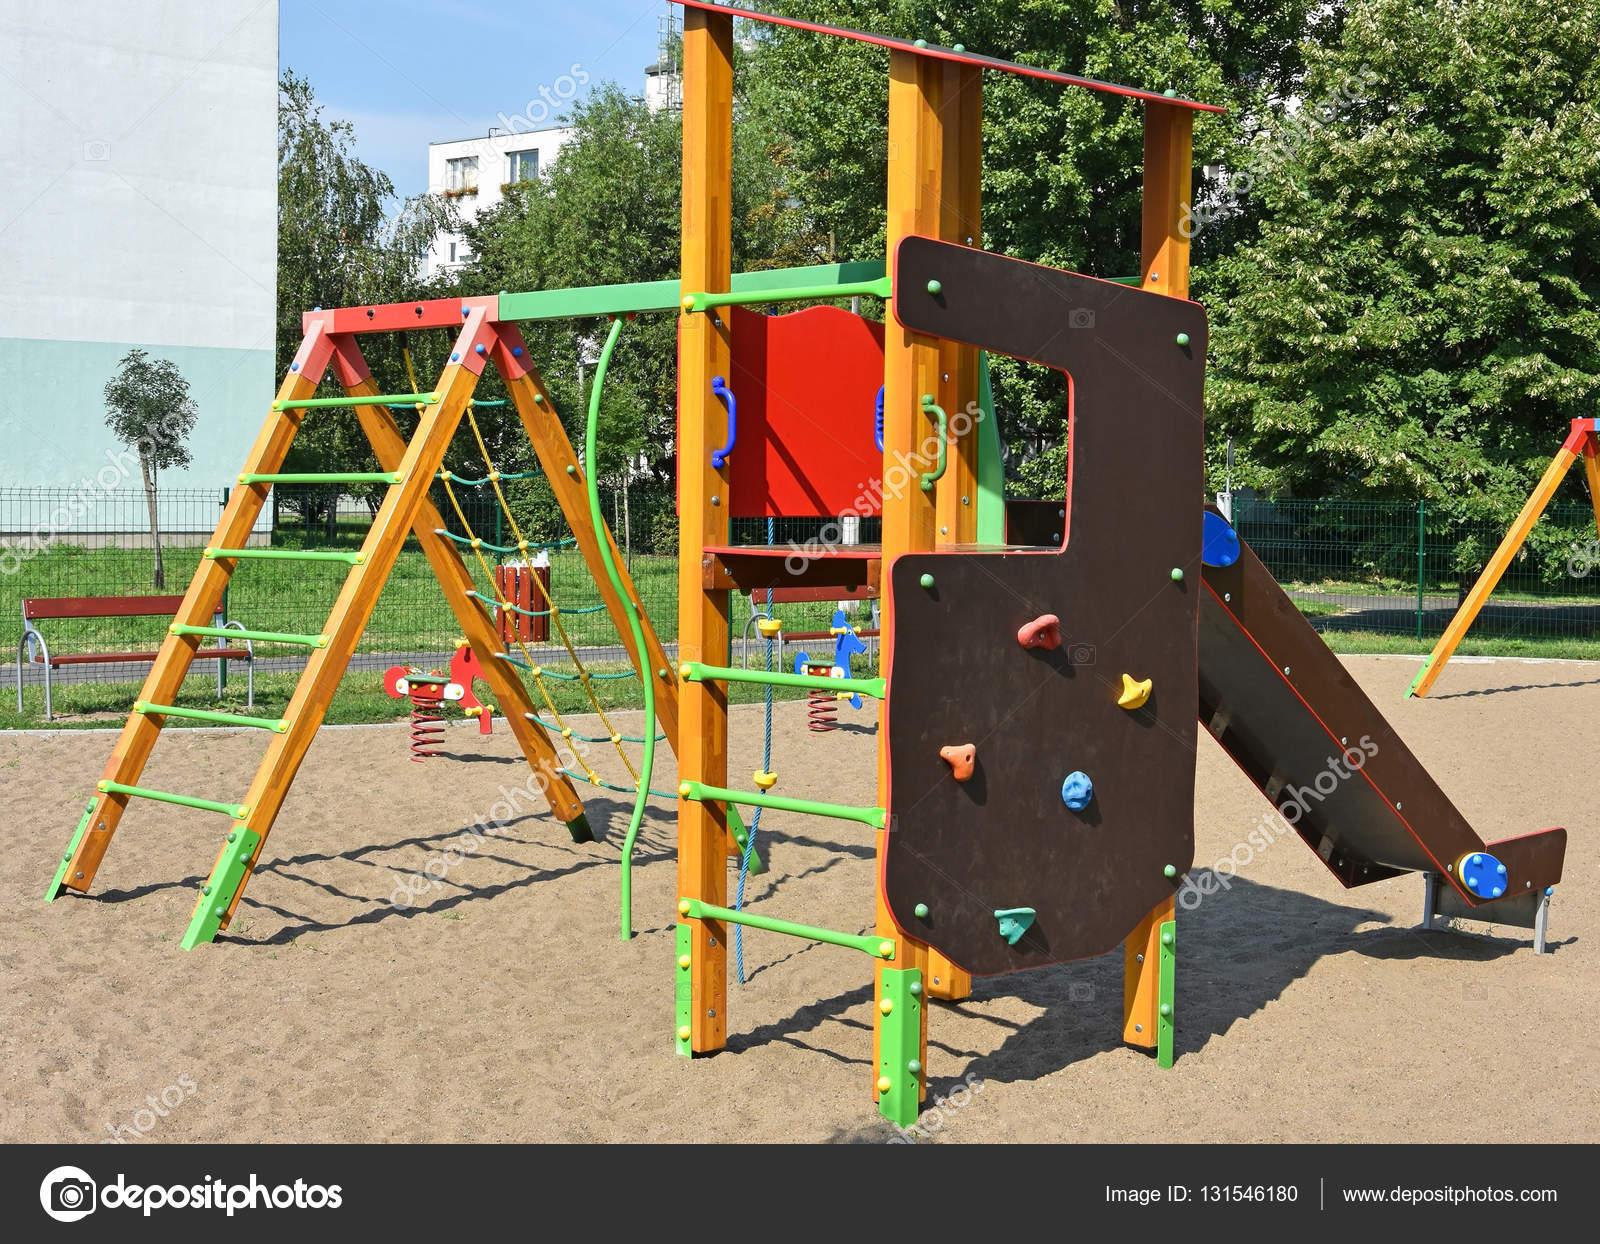 Klettergerüst Outdoor Holz : Klettergerüst auf dem spielplatz u stockfoto majorosl